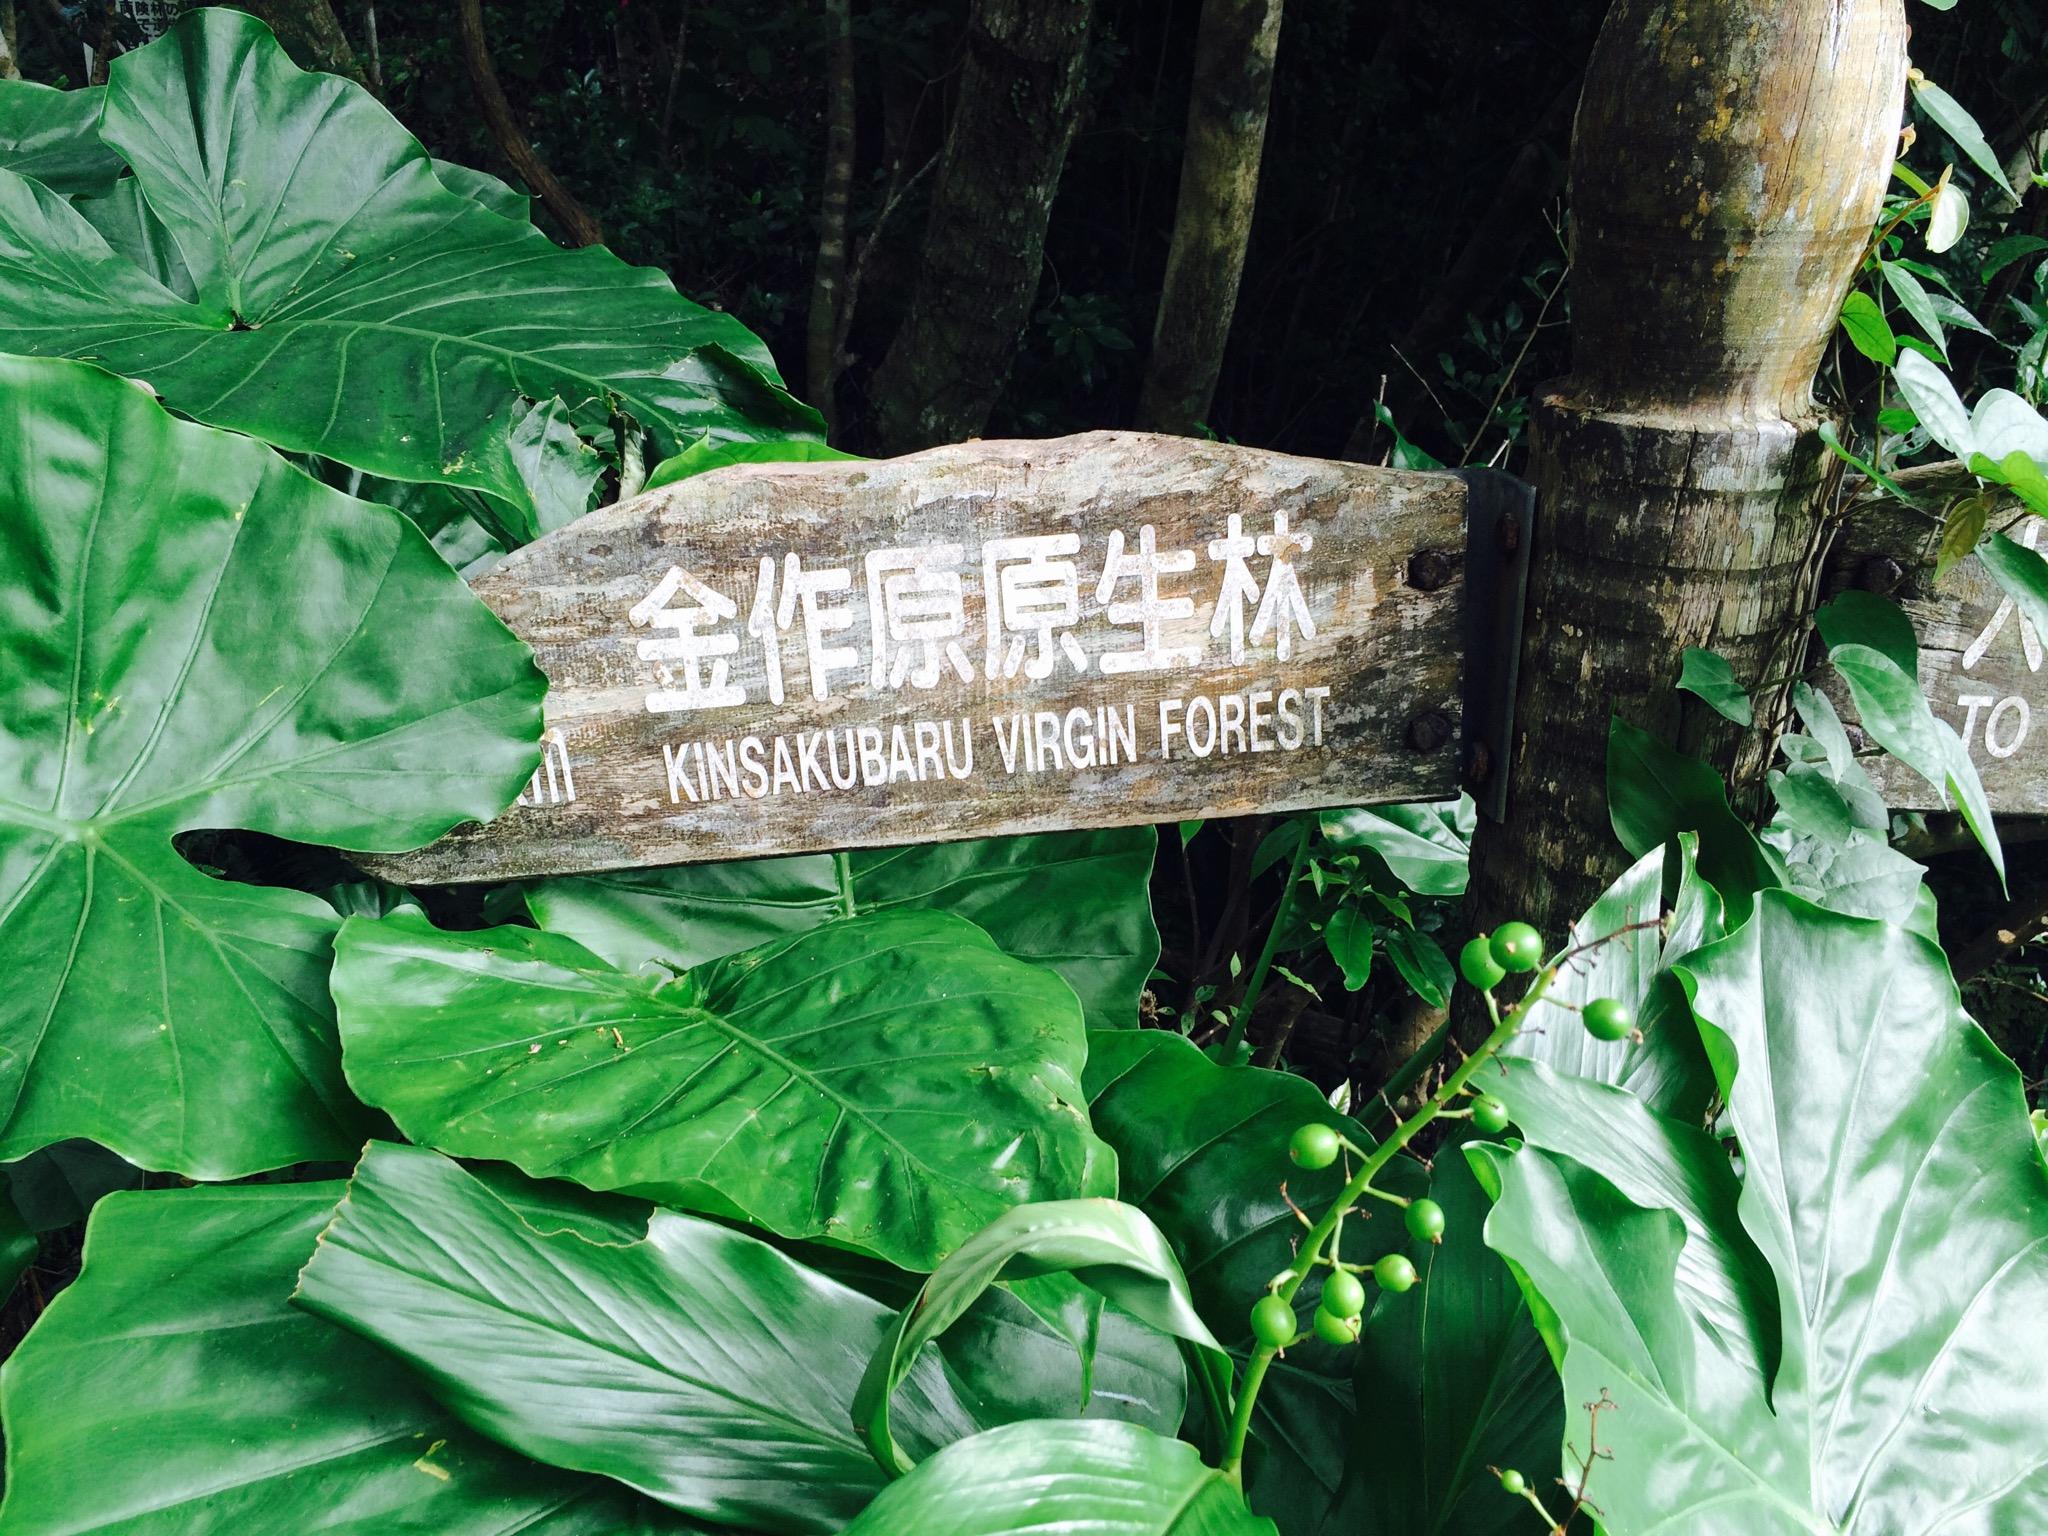 奄美大島の金作原原生林に到着